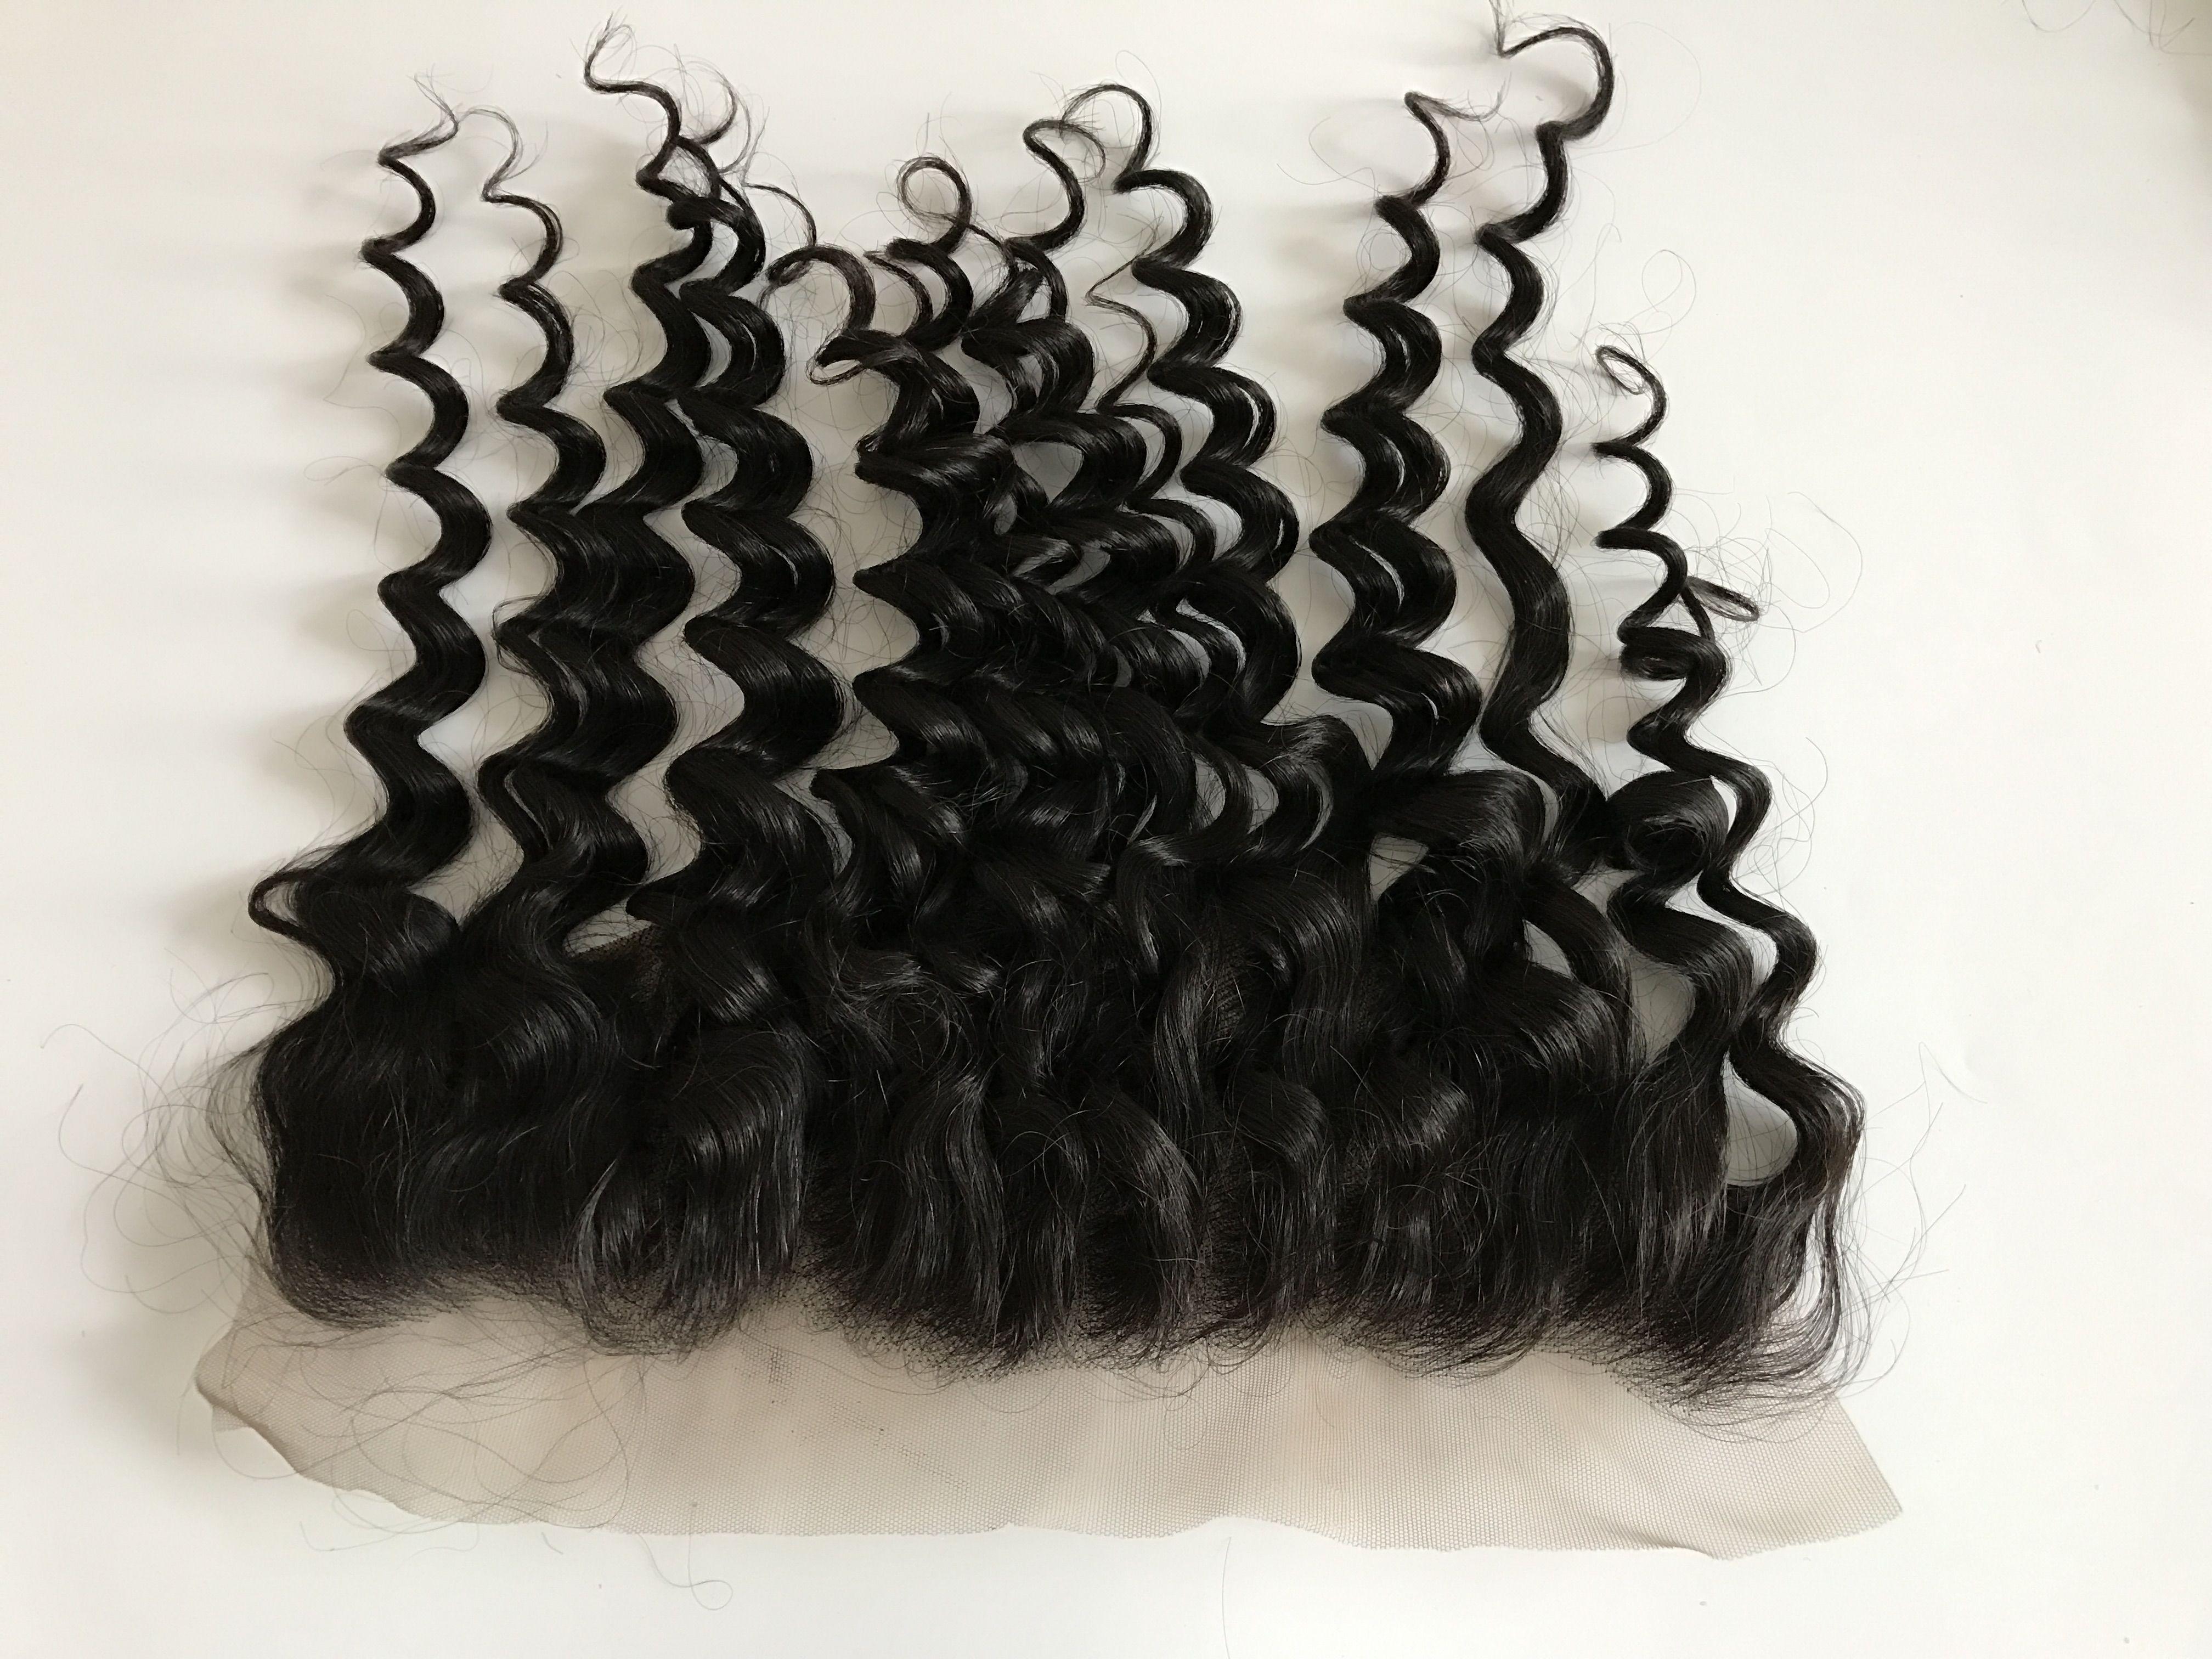 Deep wave lace frontal Hair Manufacturer Website:www.oceanhair.net Email: sales6@oceanhair.net Whatsapp: +86 15318708959 Phone: +86 15318708959 Skype: Oceanhair_Trish #hairextensions #virginhair #humanhair #remyhair #wholesalehair #hairsupplier #buywholesalehair